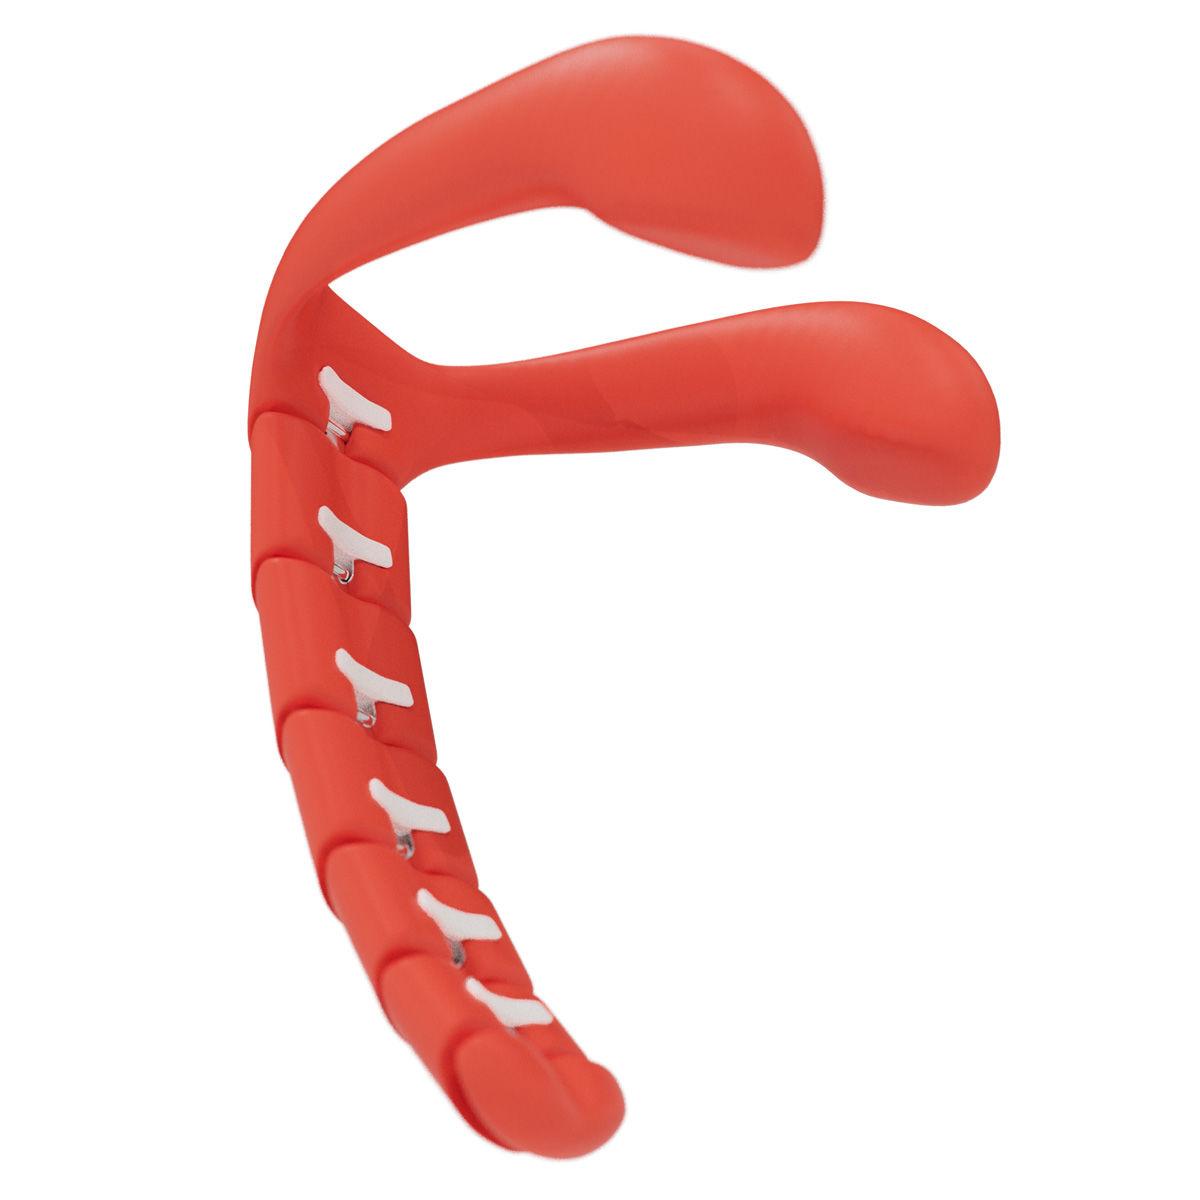 купить Lobster Full Set Coral Edition - Large в Кишинёве